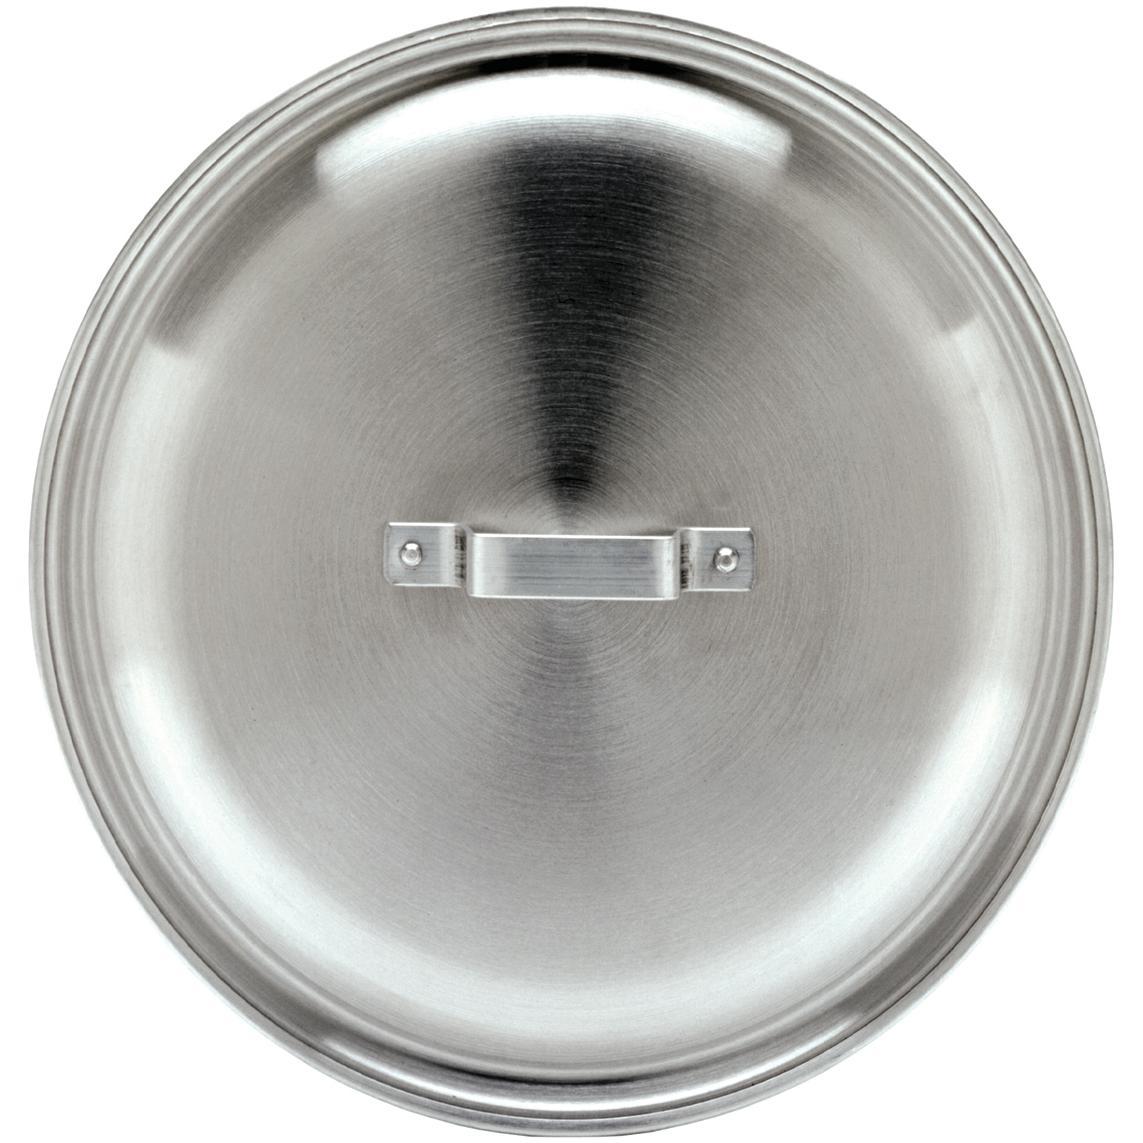 Aluminum Lid For Bayou Classic 7 Gal. Jambalaya Pot